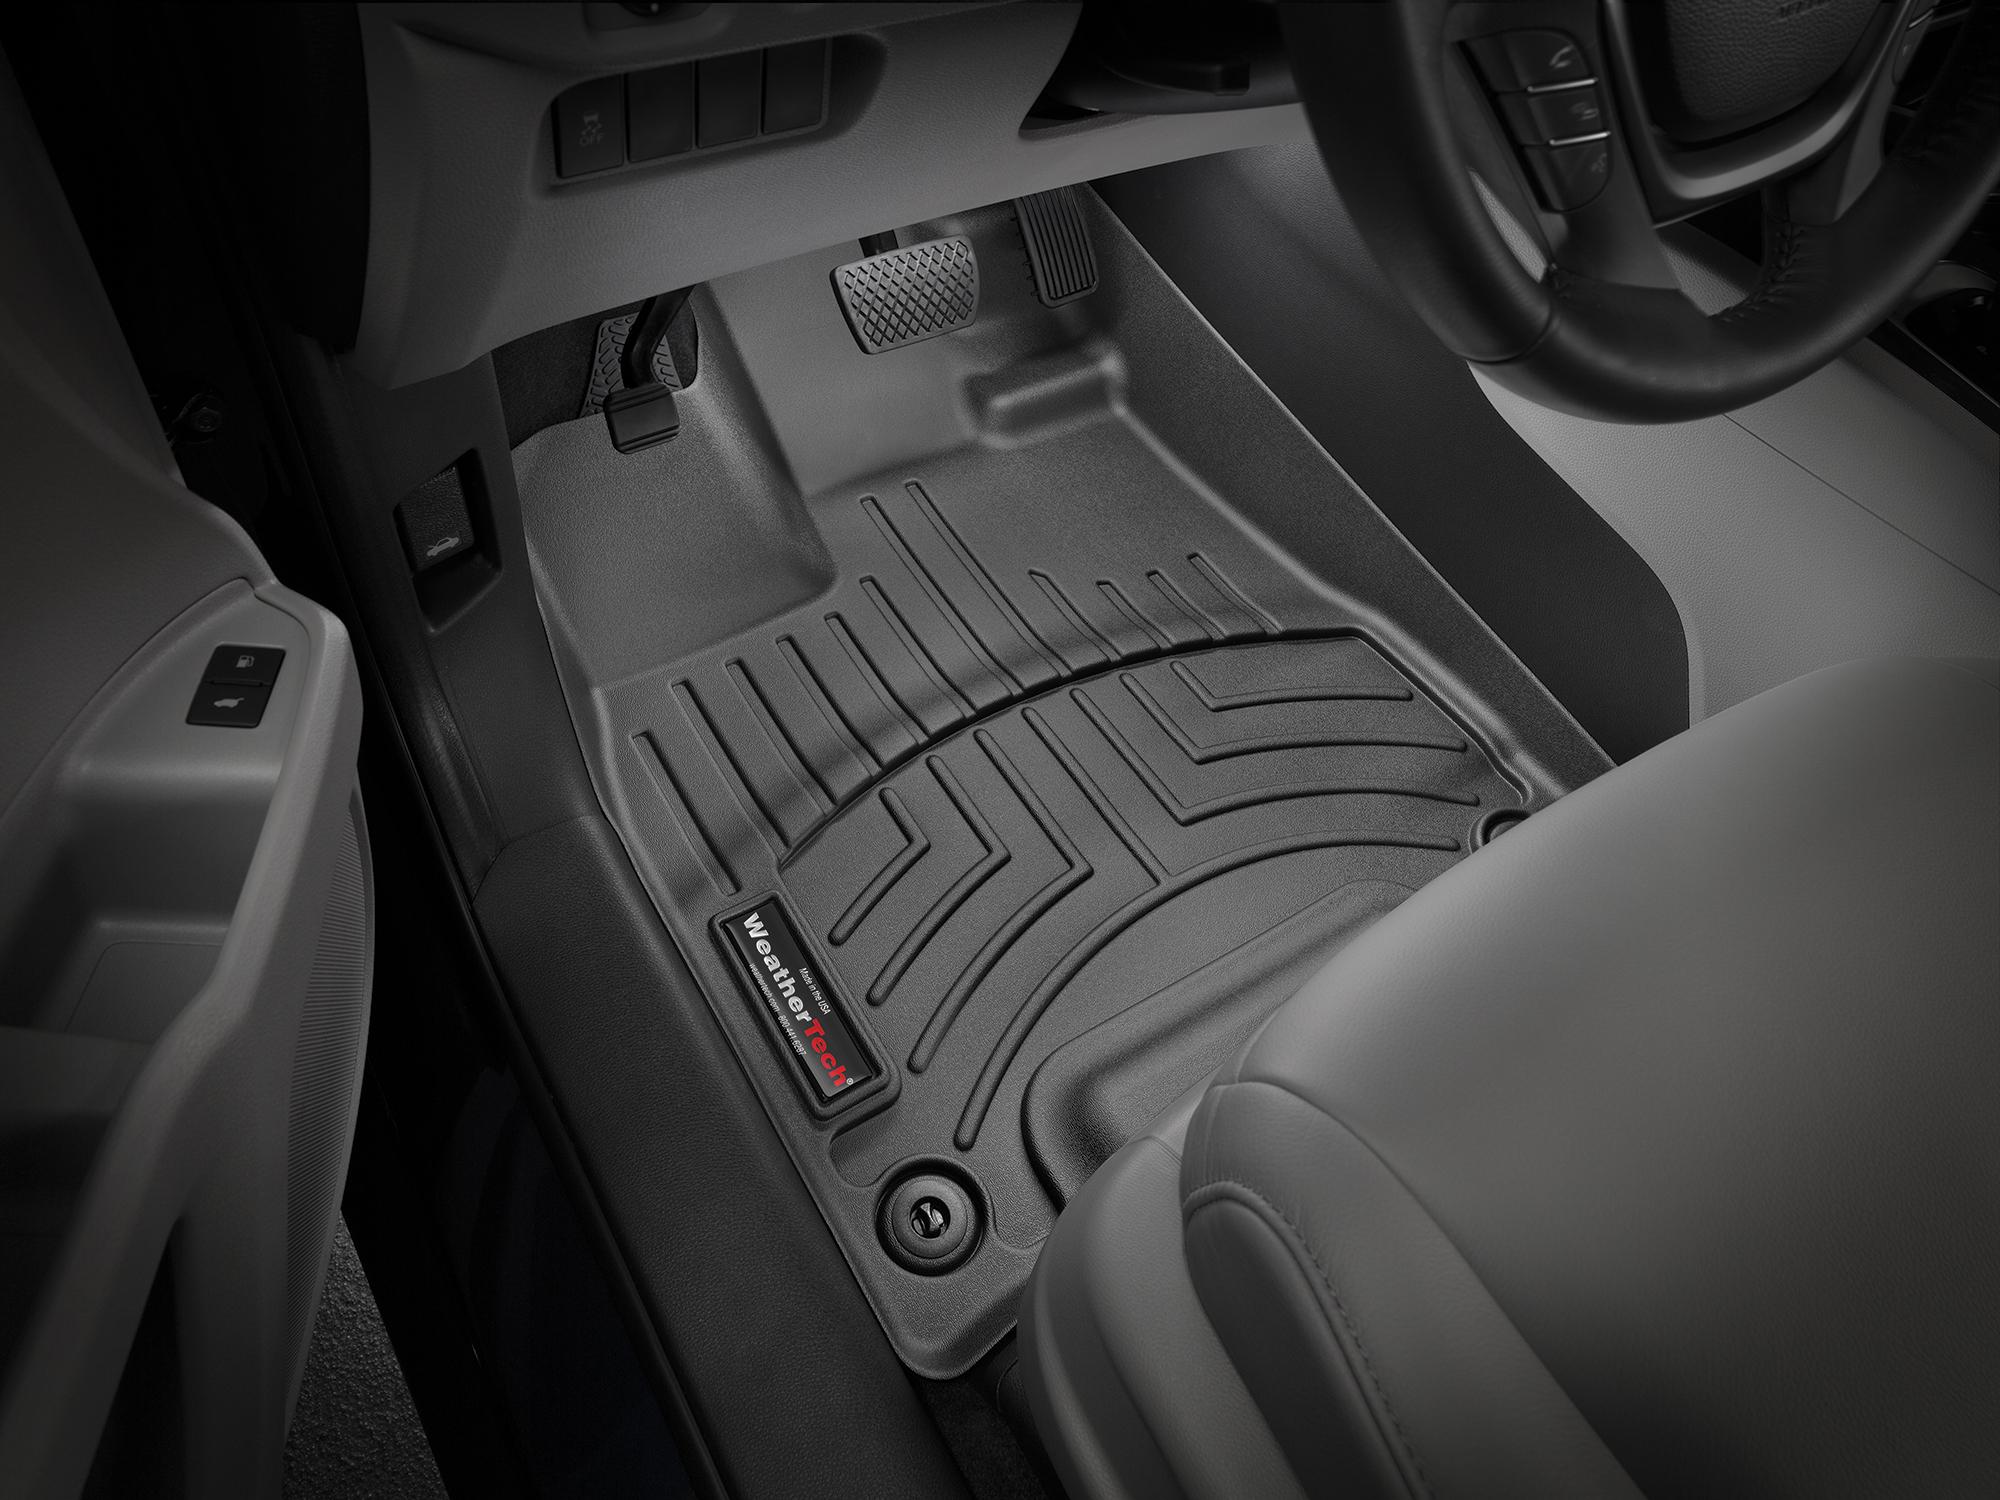 Weathertech floor mats peterbilt - 2017 Buick Encore Avm Hd Floor Mats Heavy Duty Flexible Trim To Fit Mats Weathertech Com